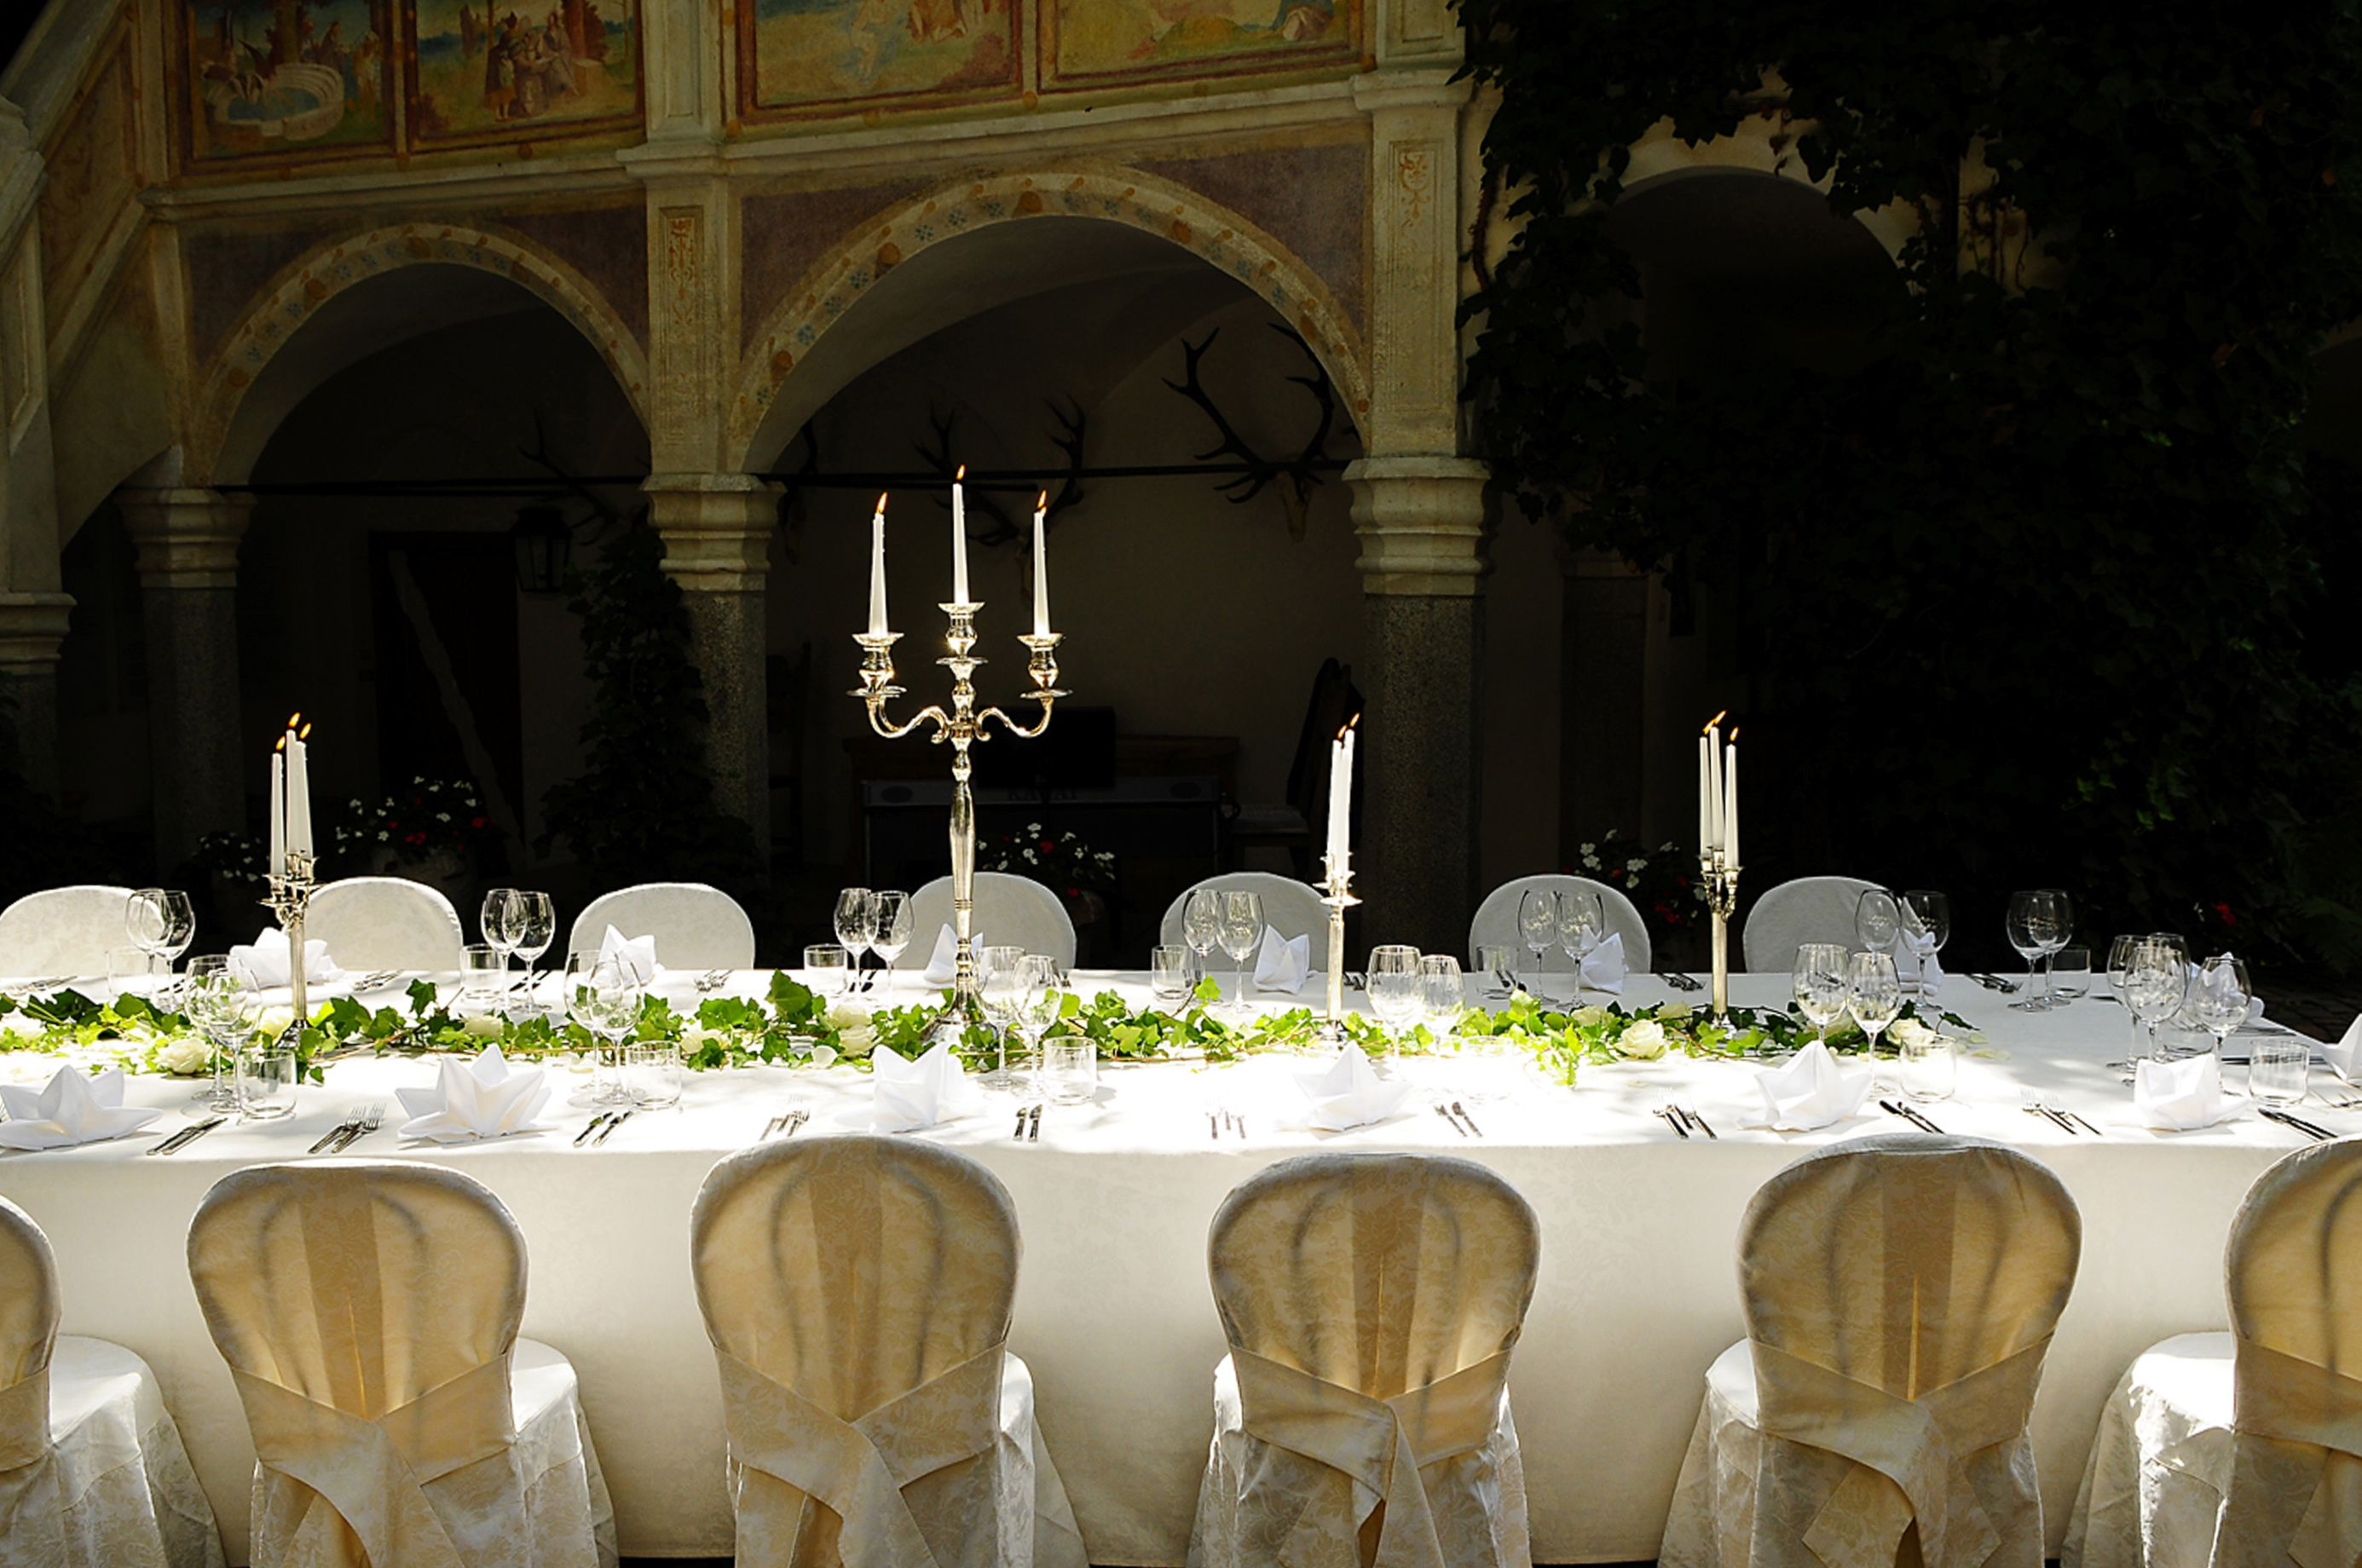 Heiraten Hochzeiten Weddingplaner Suedtirol Italien Sudtirol Italien Weddingplaner Sudtirol